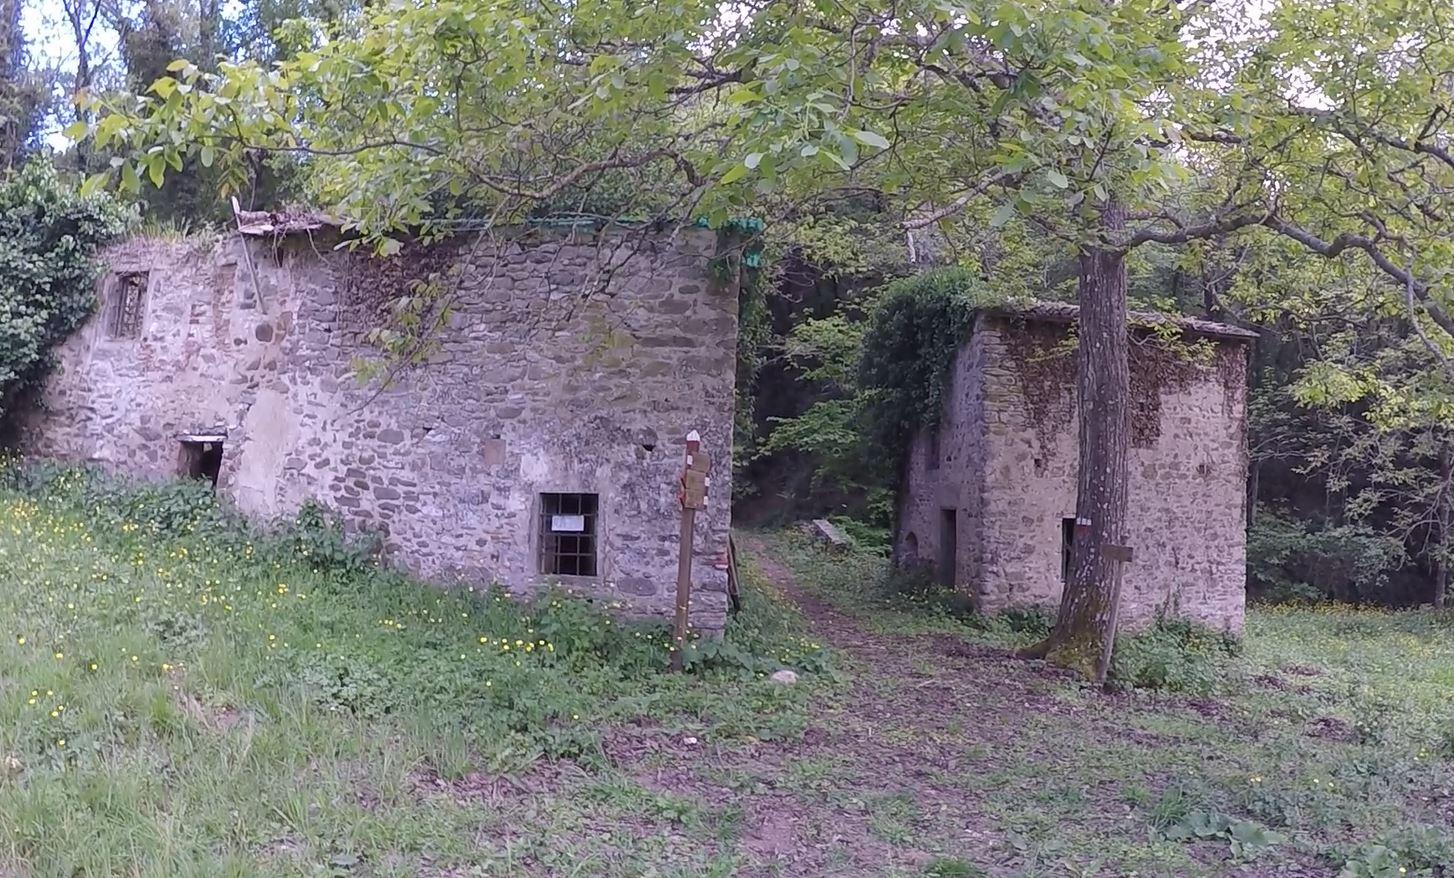 Rovine di un mulino ad acqua, il Mulino di Sezzate, e forse della casa dei gabellieri. Anello di Cintoia, Greve in Chianti. Autore e Copyright Marco Ramerini